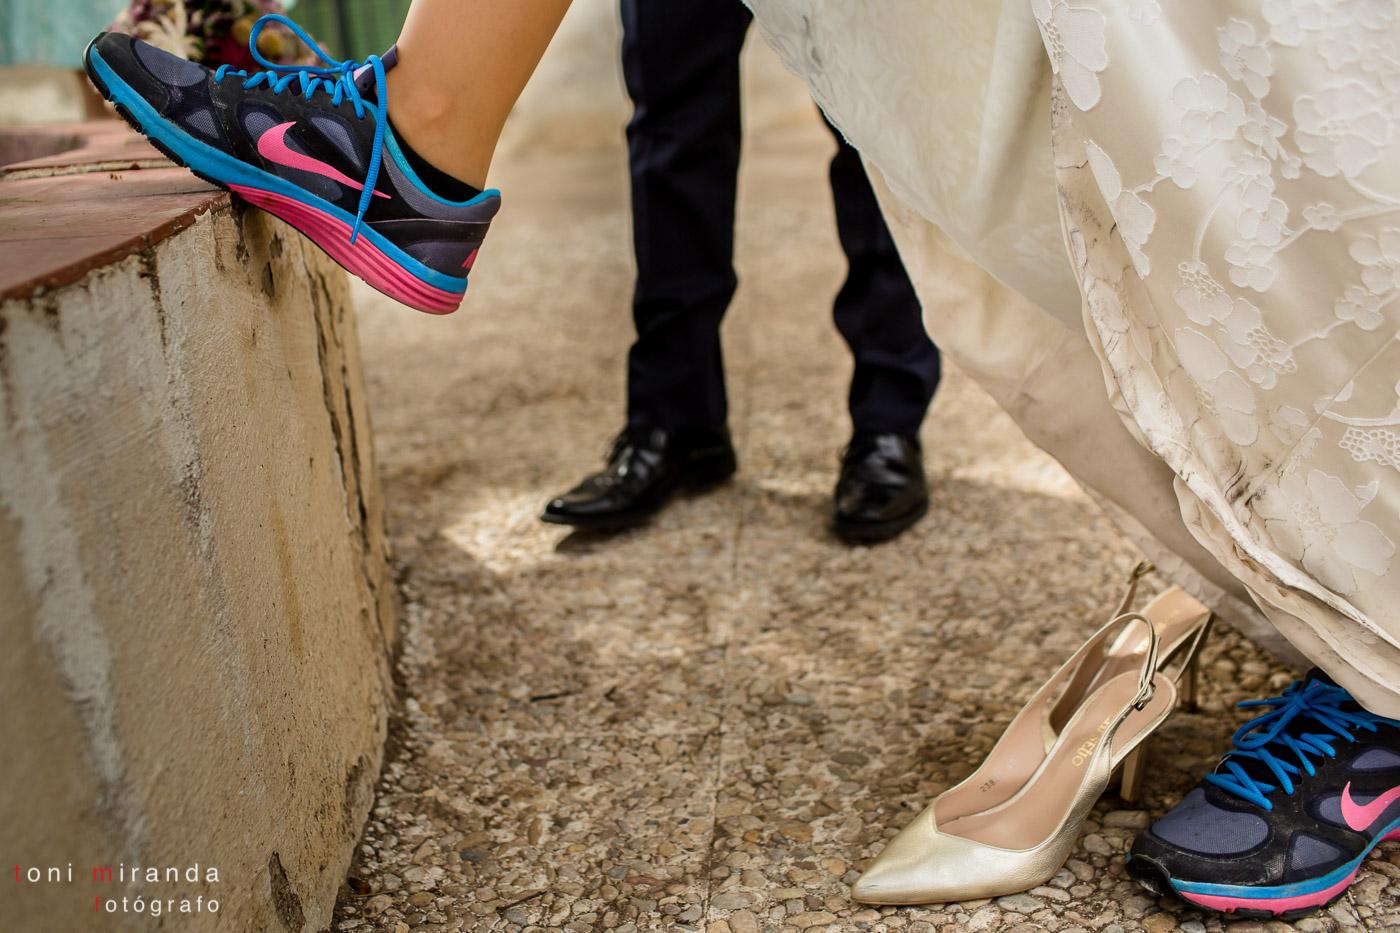 Novia poniéndose zapatillas de deporte uva de mesa embolsada del Vinalopó